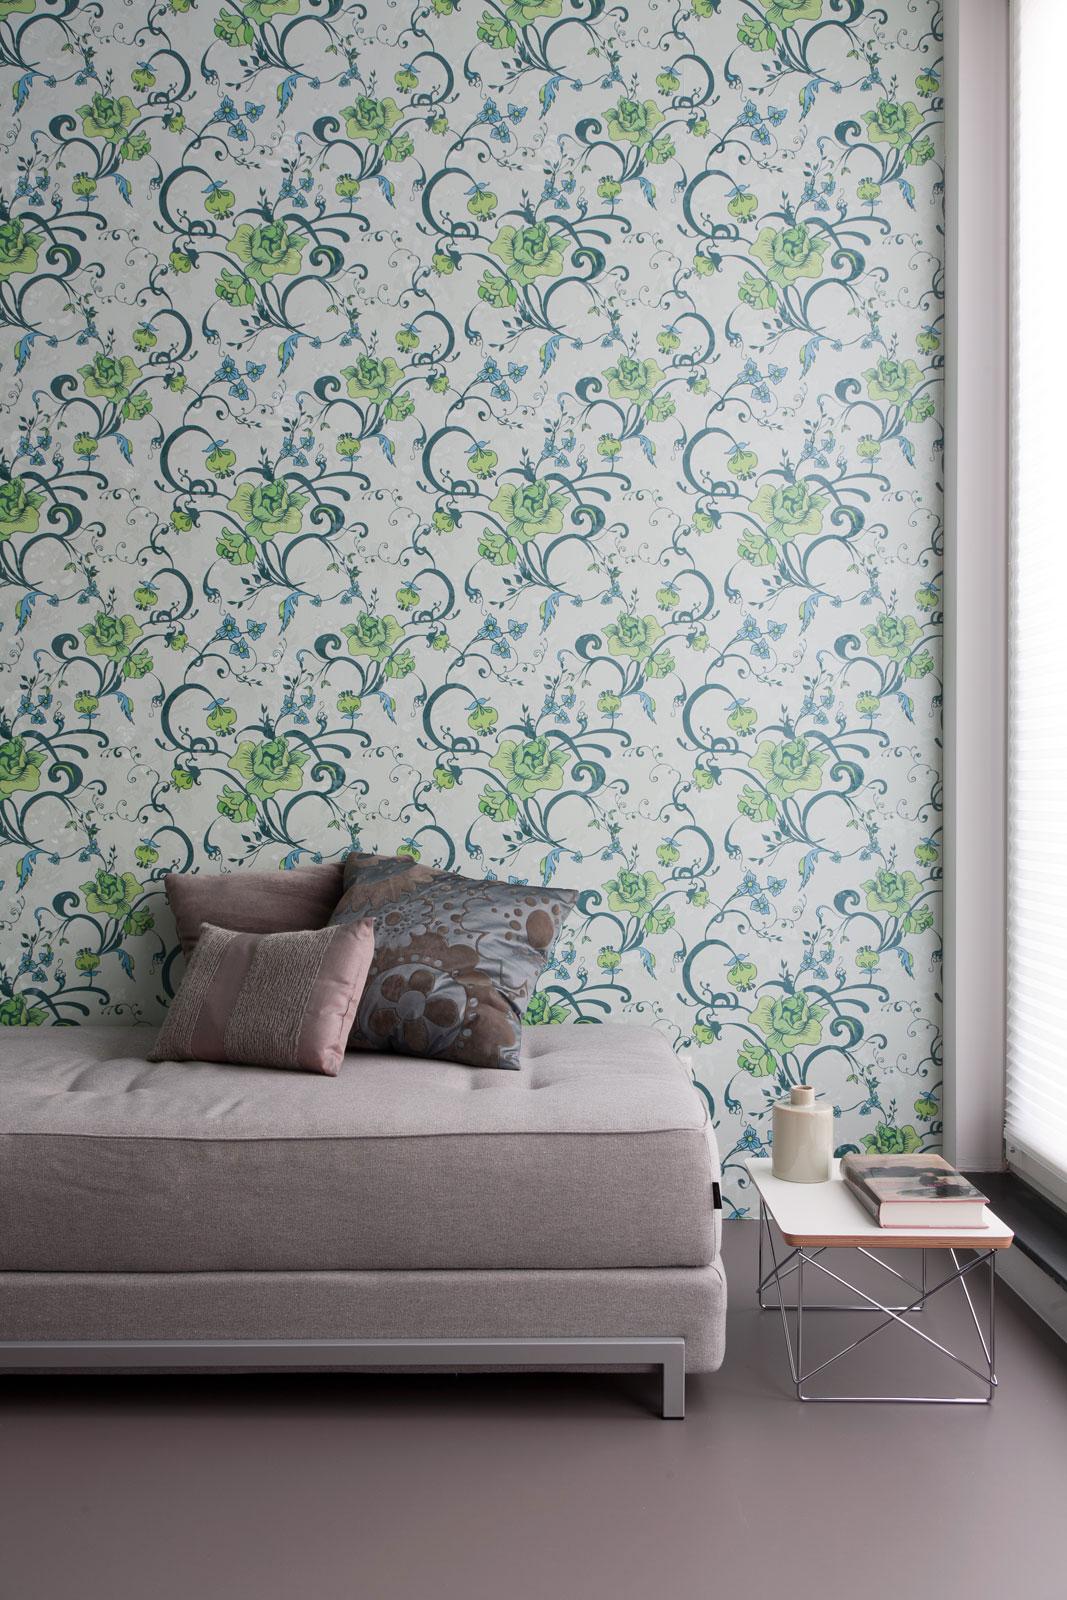 Оригинальный декор стен в интерьере - Фото 4